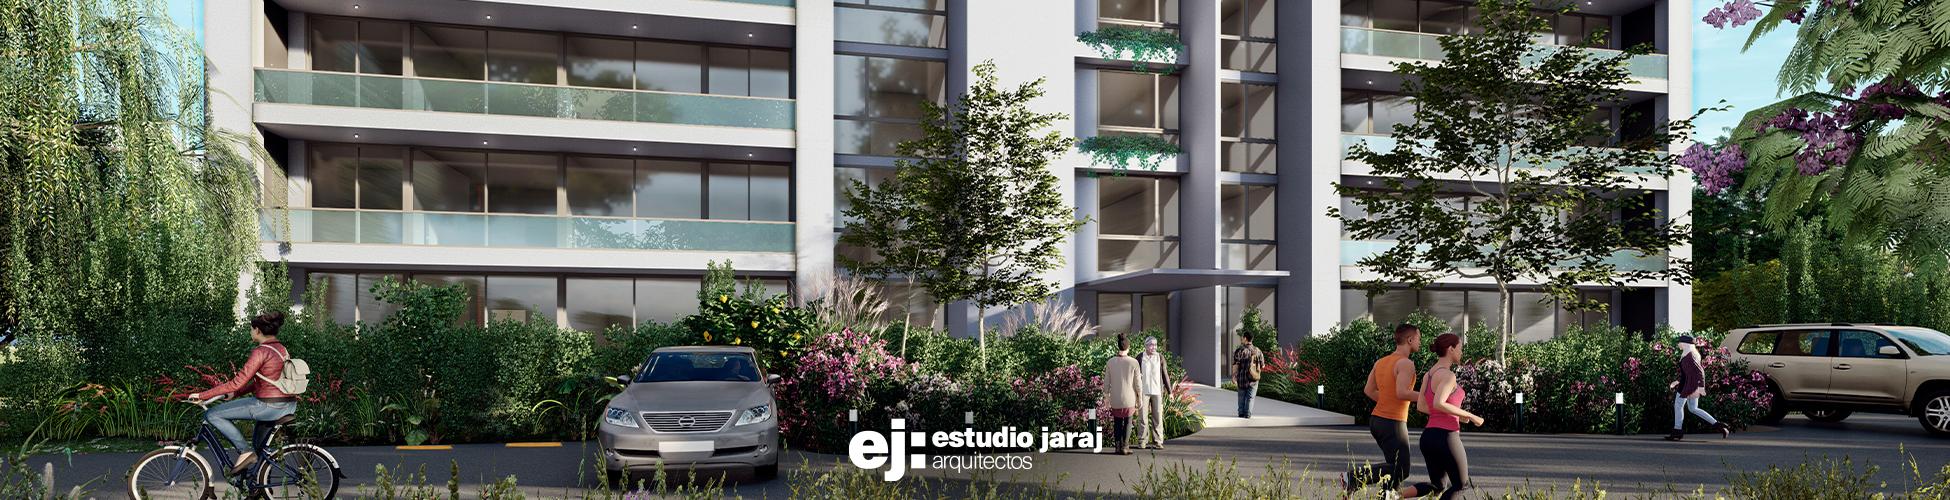 vista frente edificio diurna